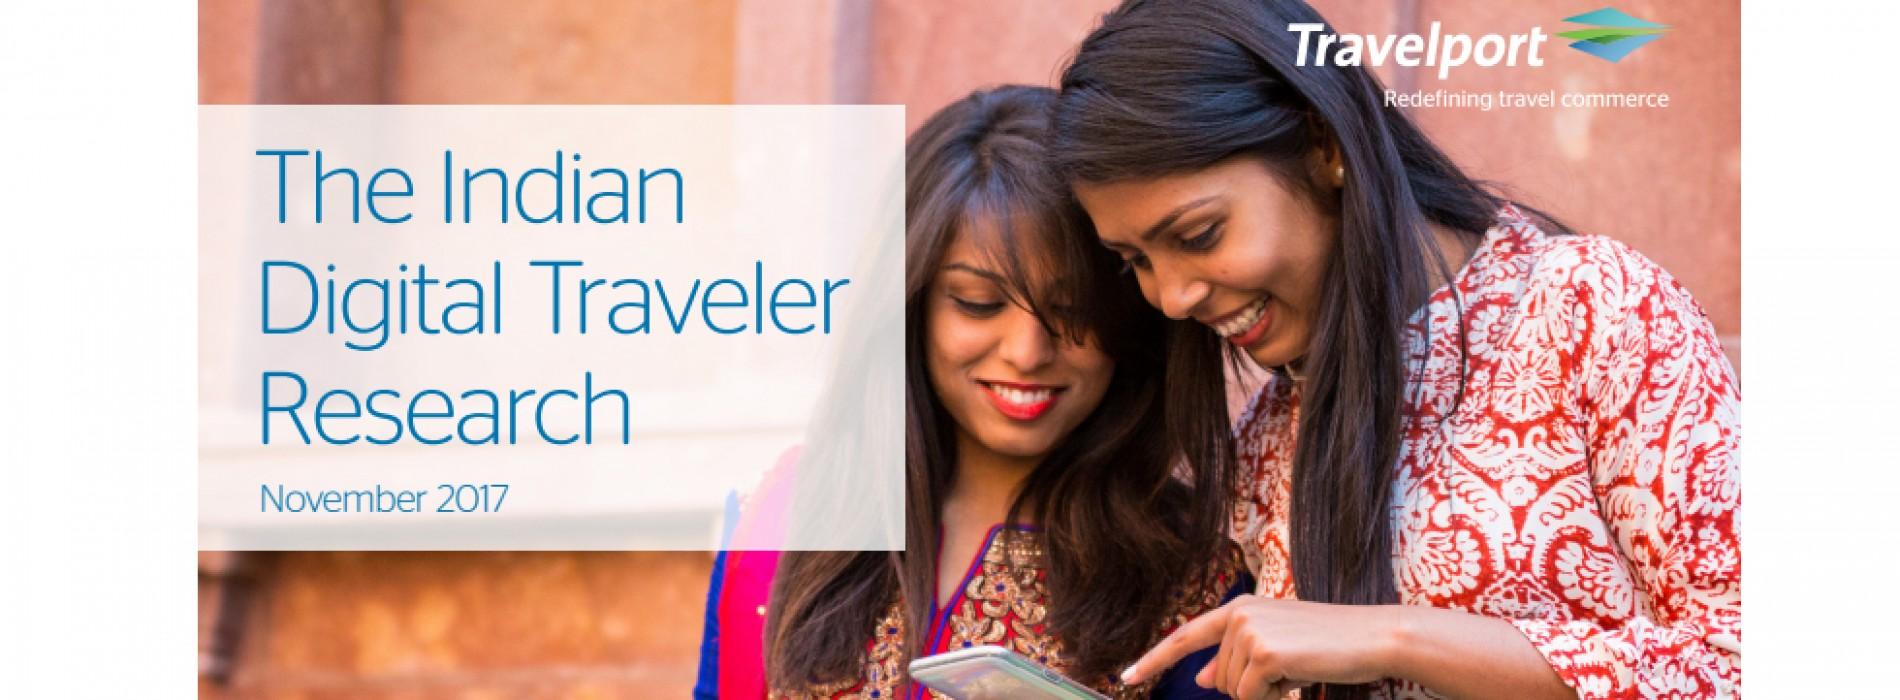 Travelport global survey puts India top of digital traveler rankings